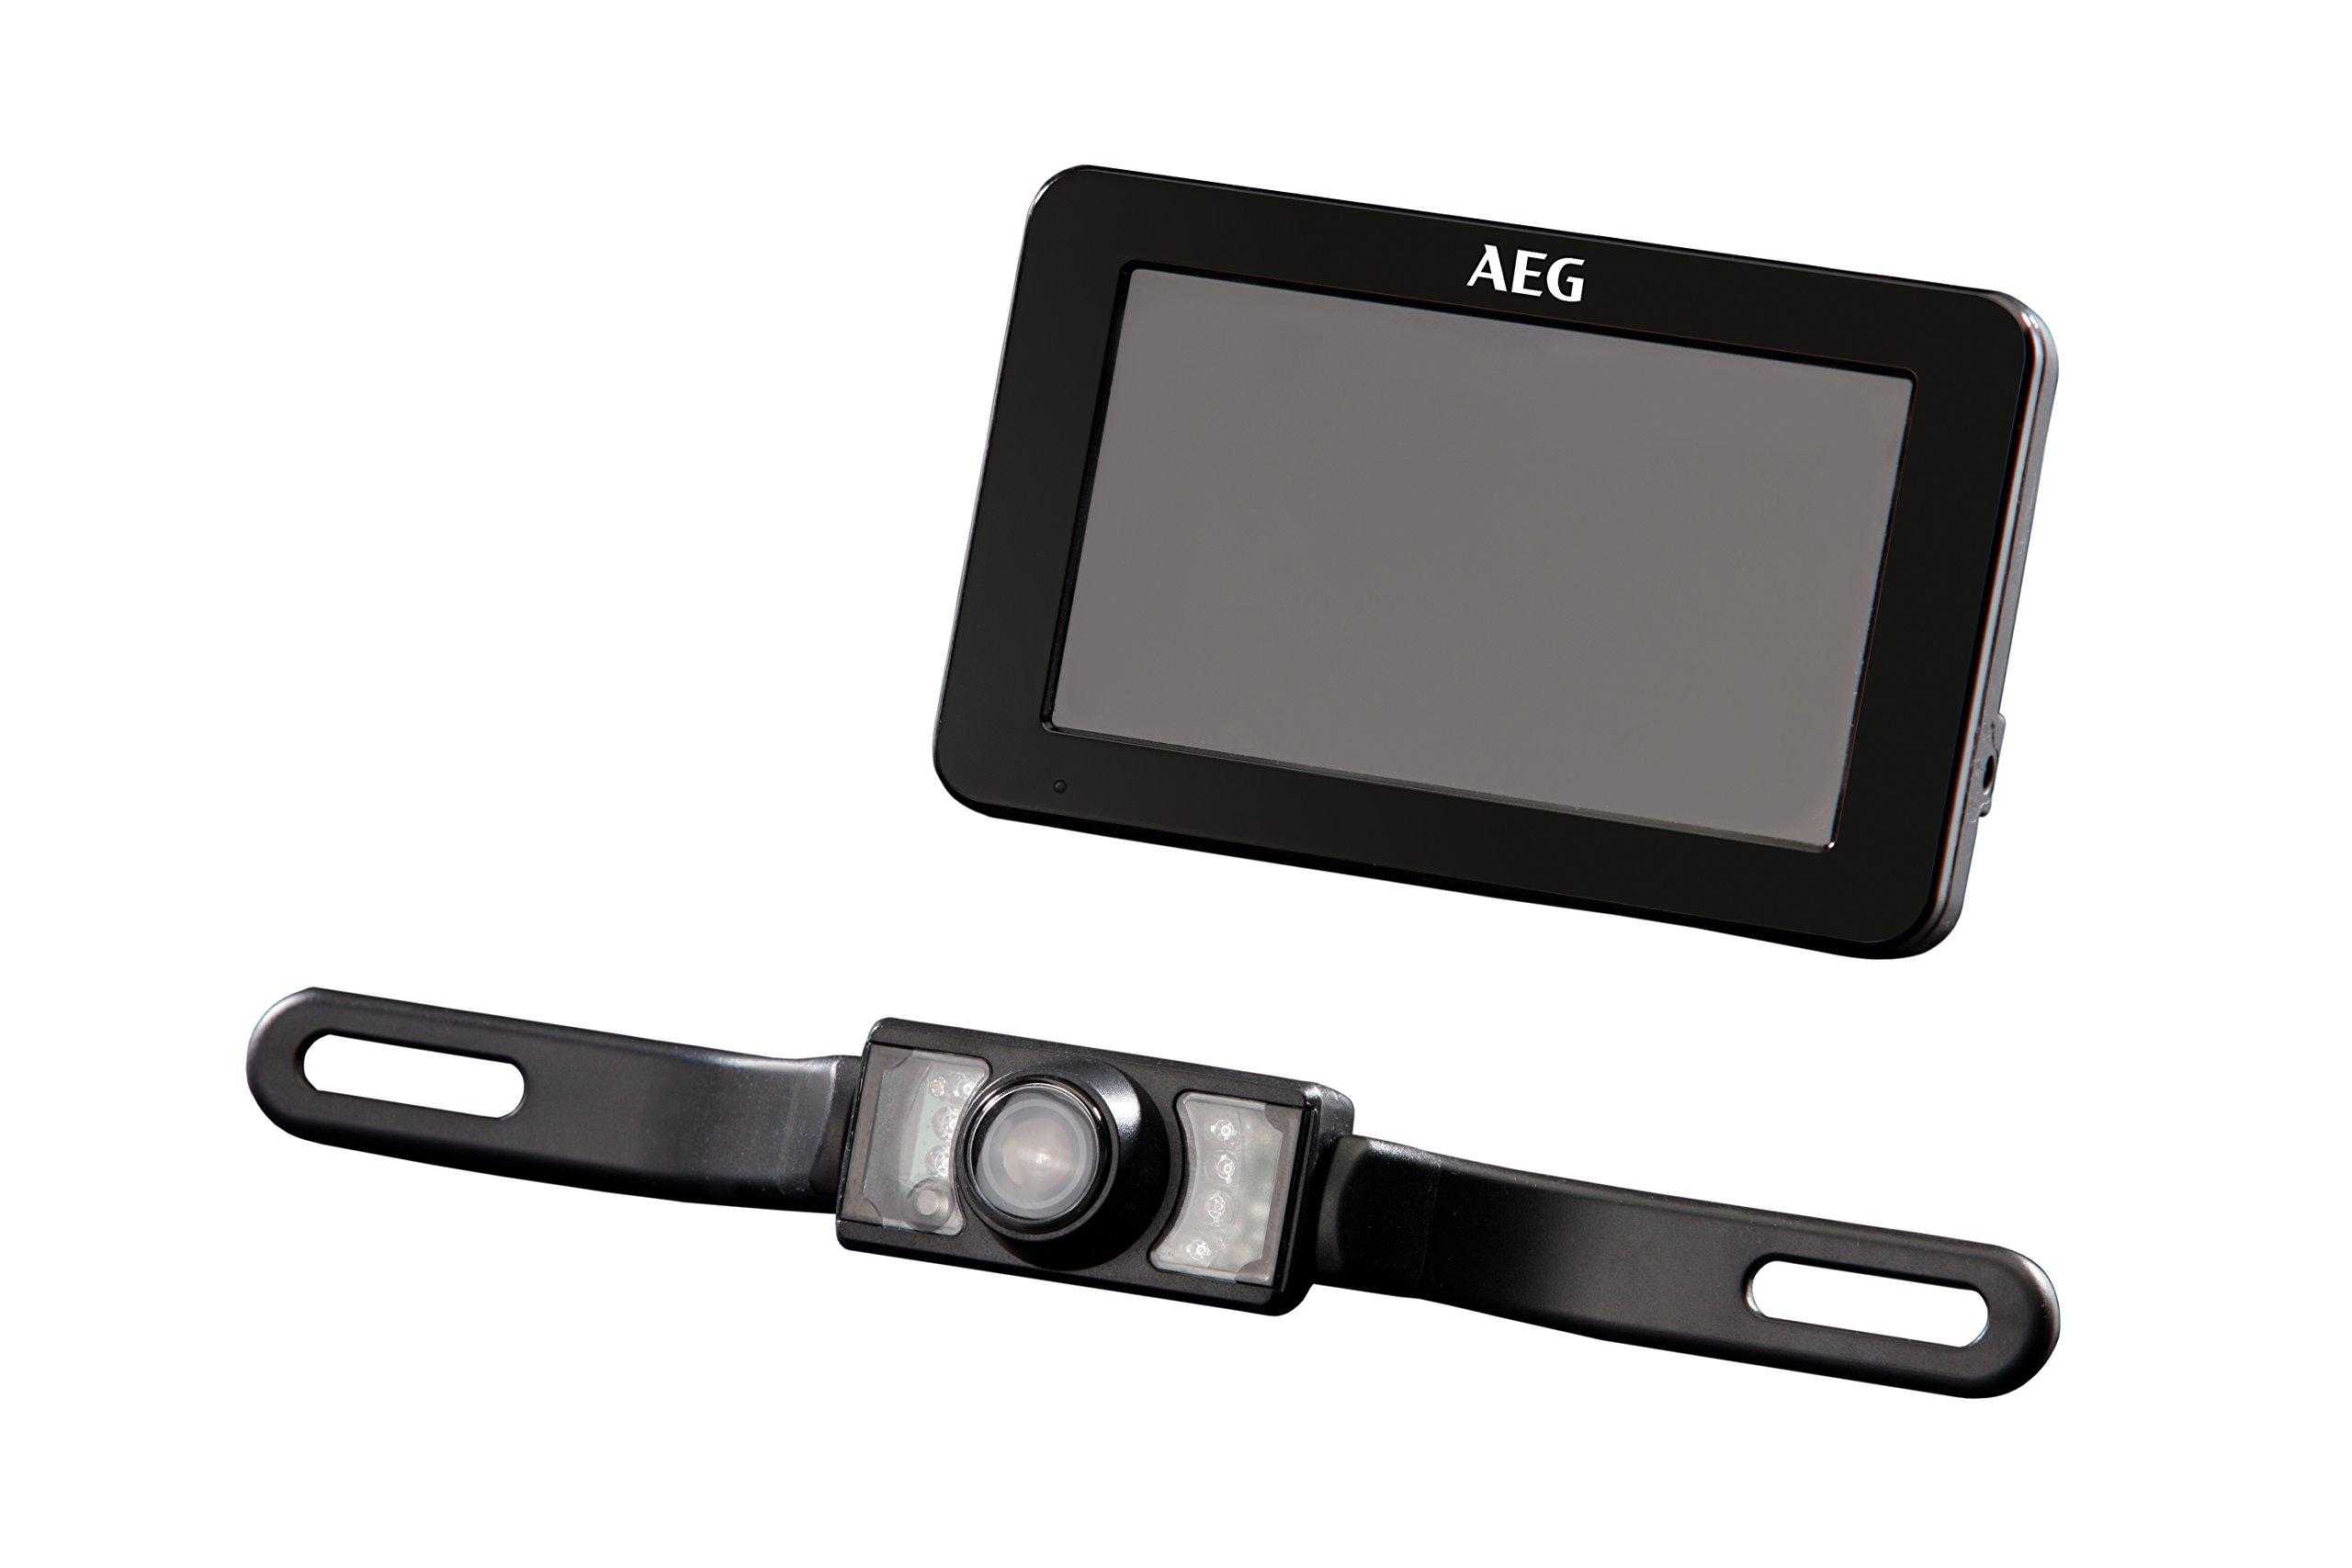 AEG-97153-Funk-Rckfahrkamera-System-RV-43-mit-LCD-Farbdisplay-inklusiv-Nachtsichtfunktion-und-Verschlsselung